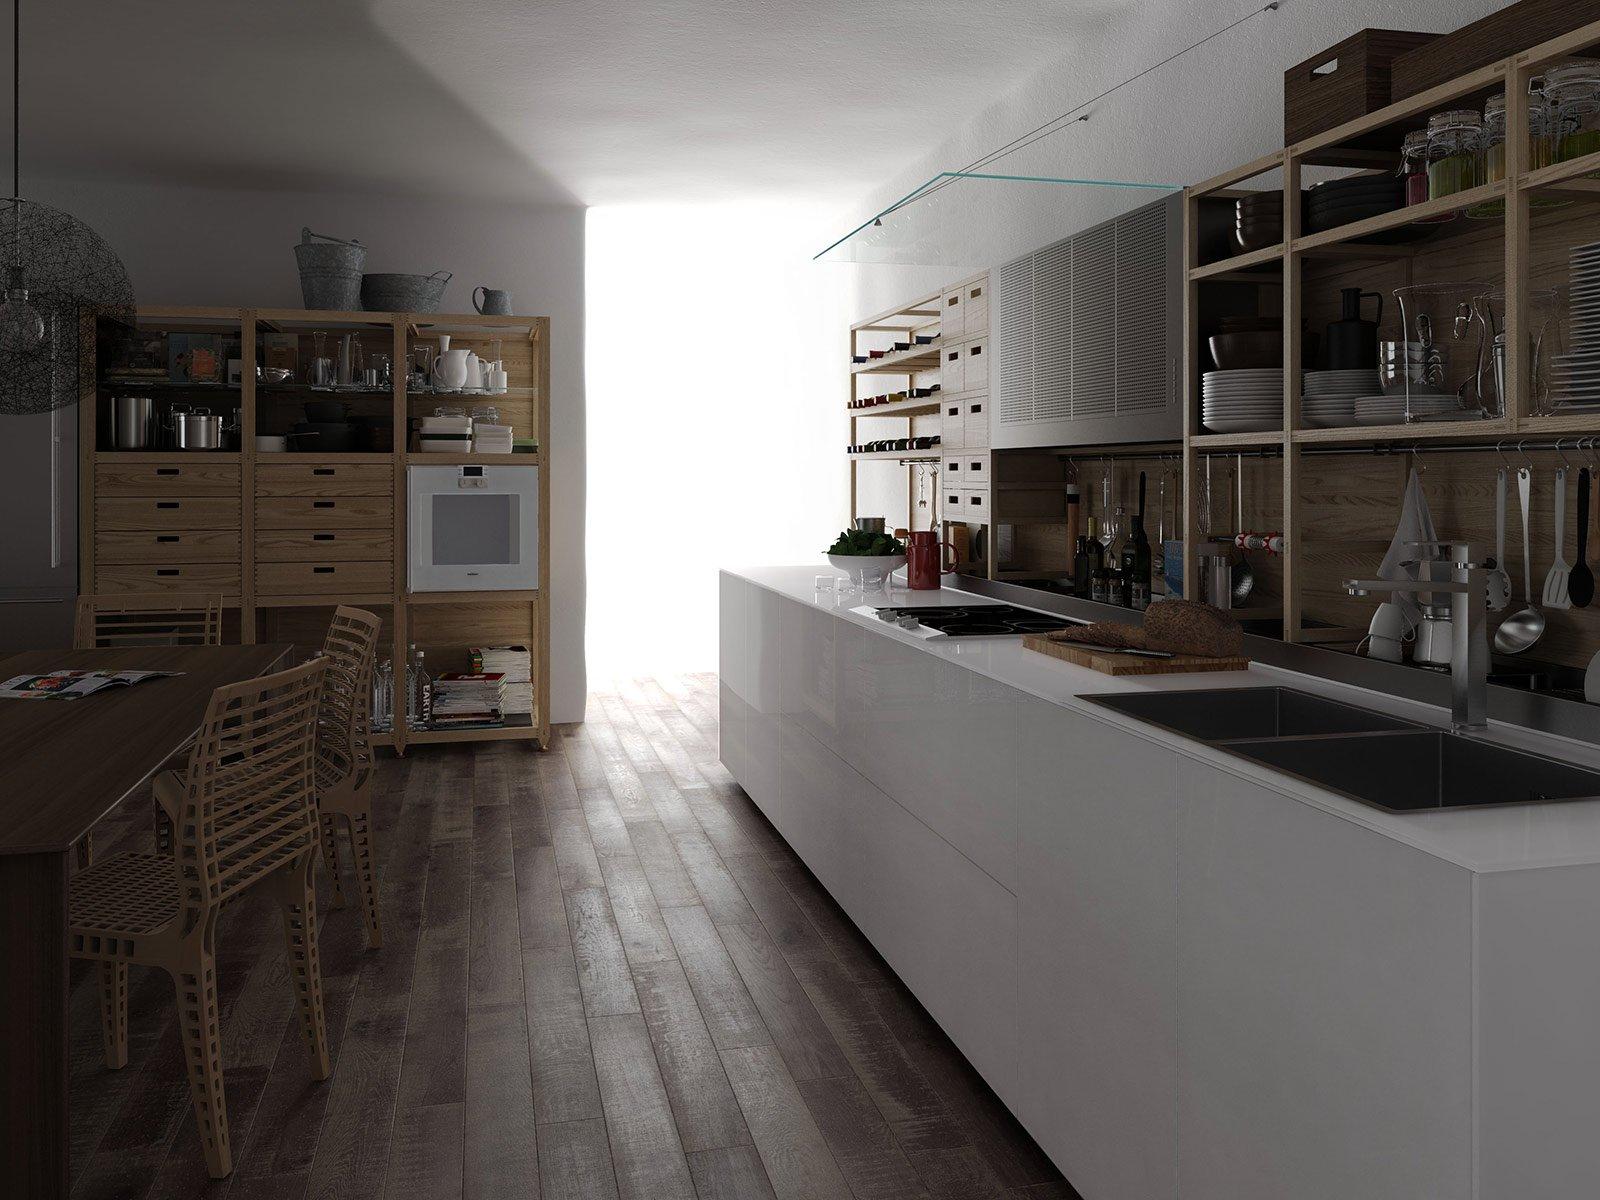 I nuovi modelli di eurocucina 2014 con design r tro o supermoderno cose di casa - Casa base milano ...